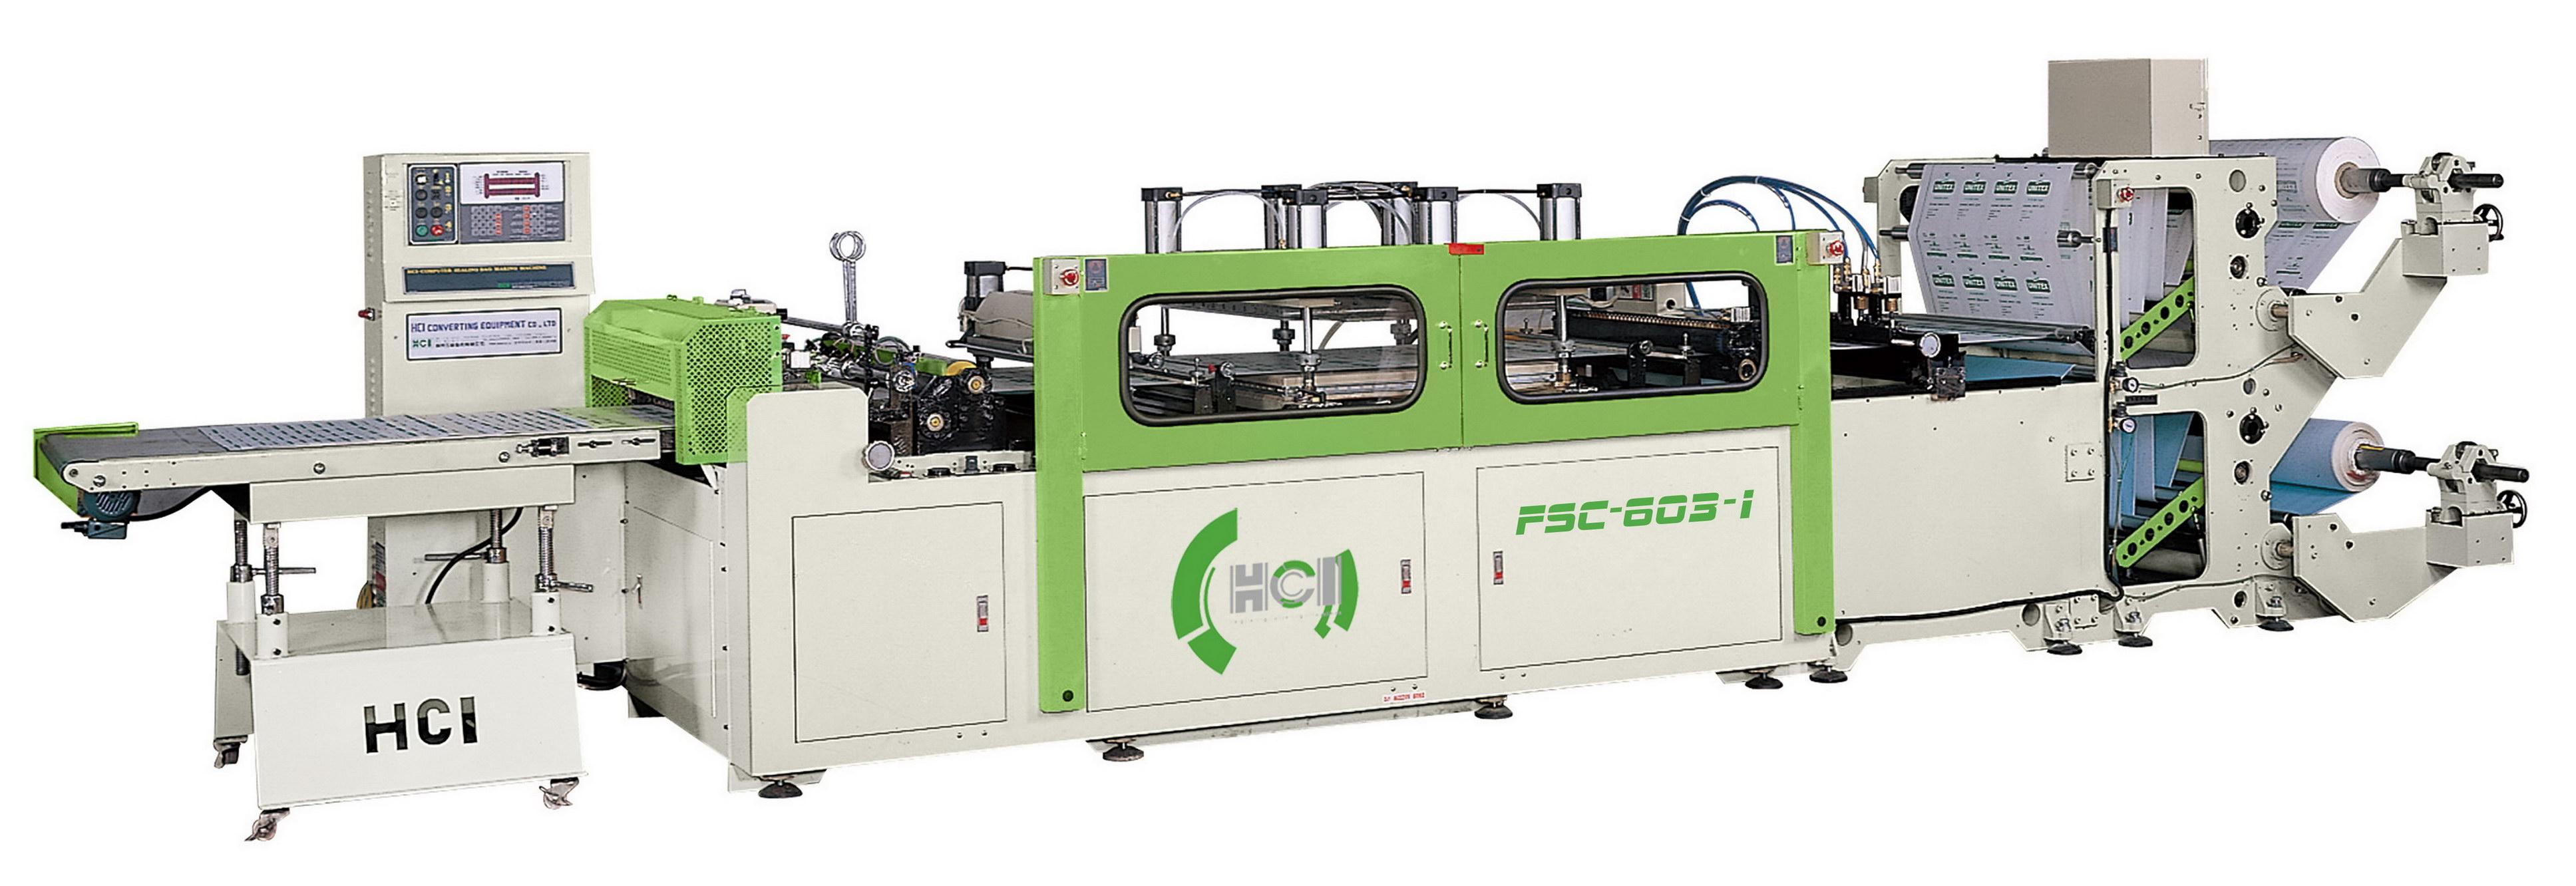 Сумка Машина для статического сумка защитного и стерилизованное Reel Pouch